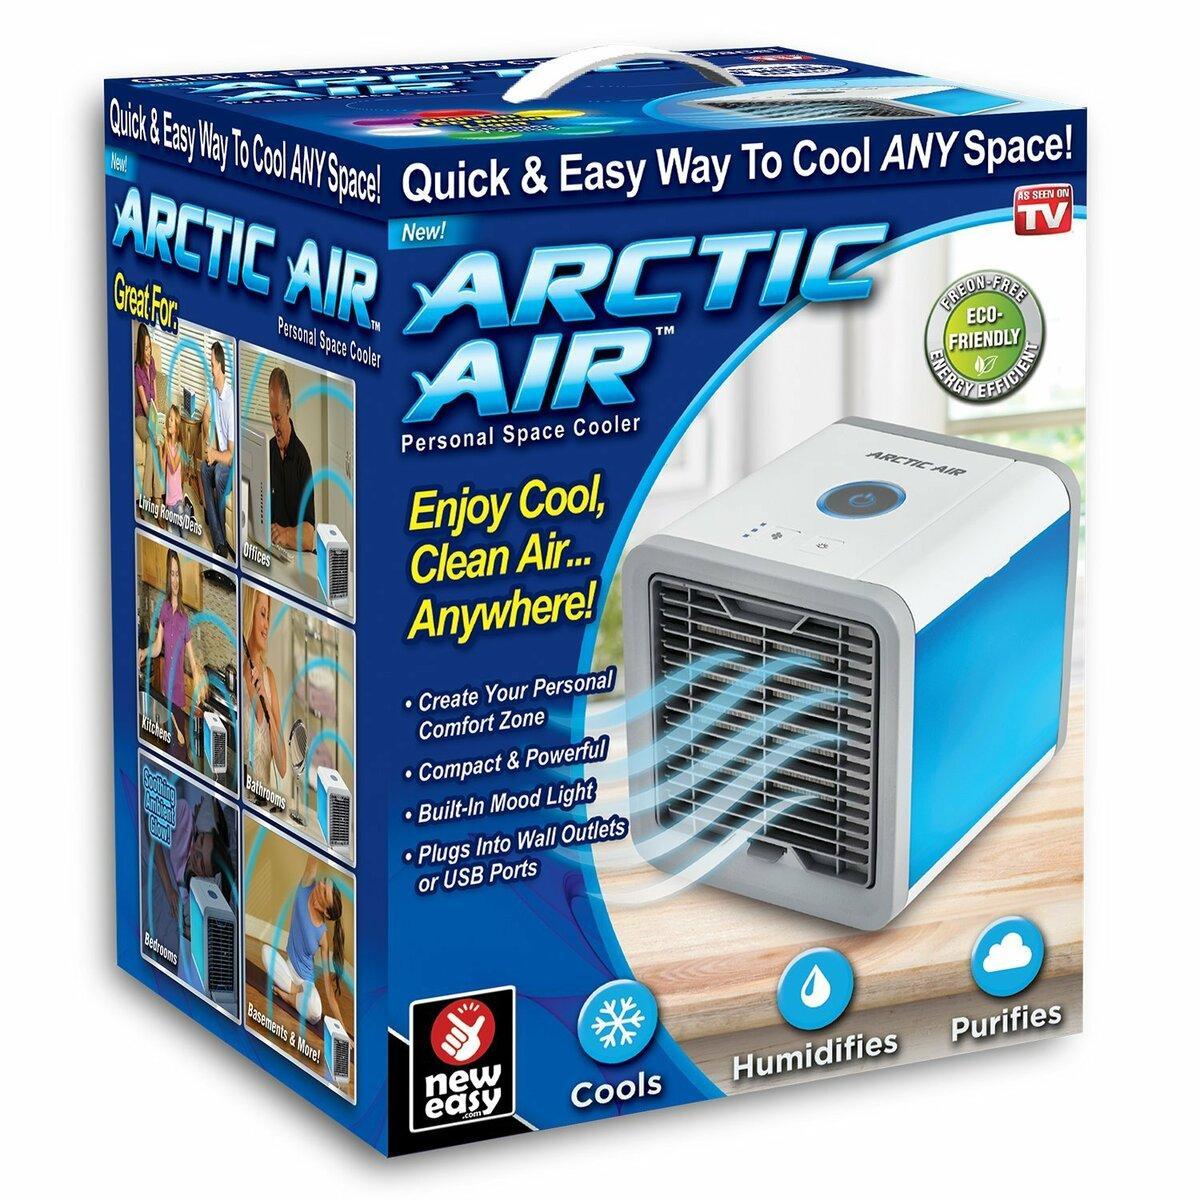 Портативный мини кондиционер Arctic Air5В, 2А, 10Вт, с фильтром Арктик эир